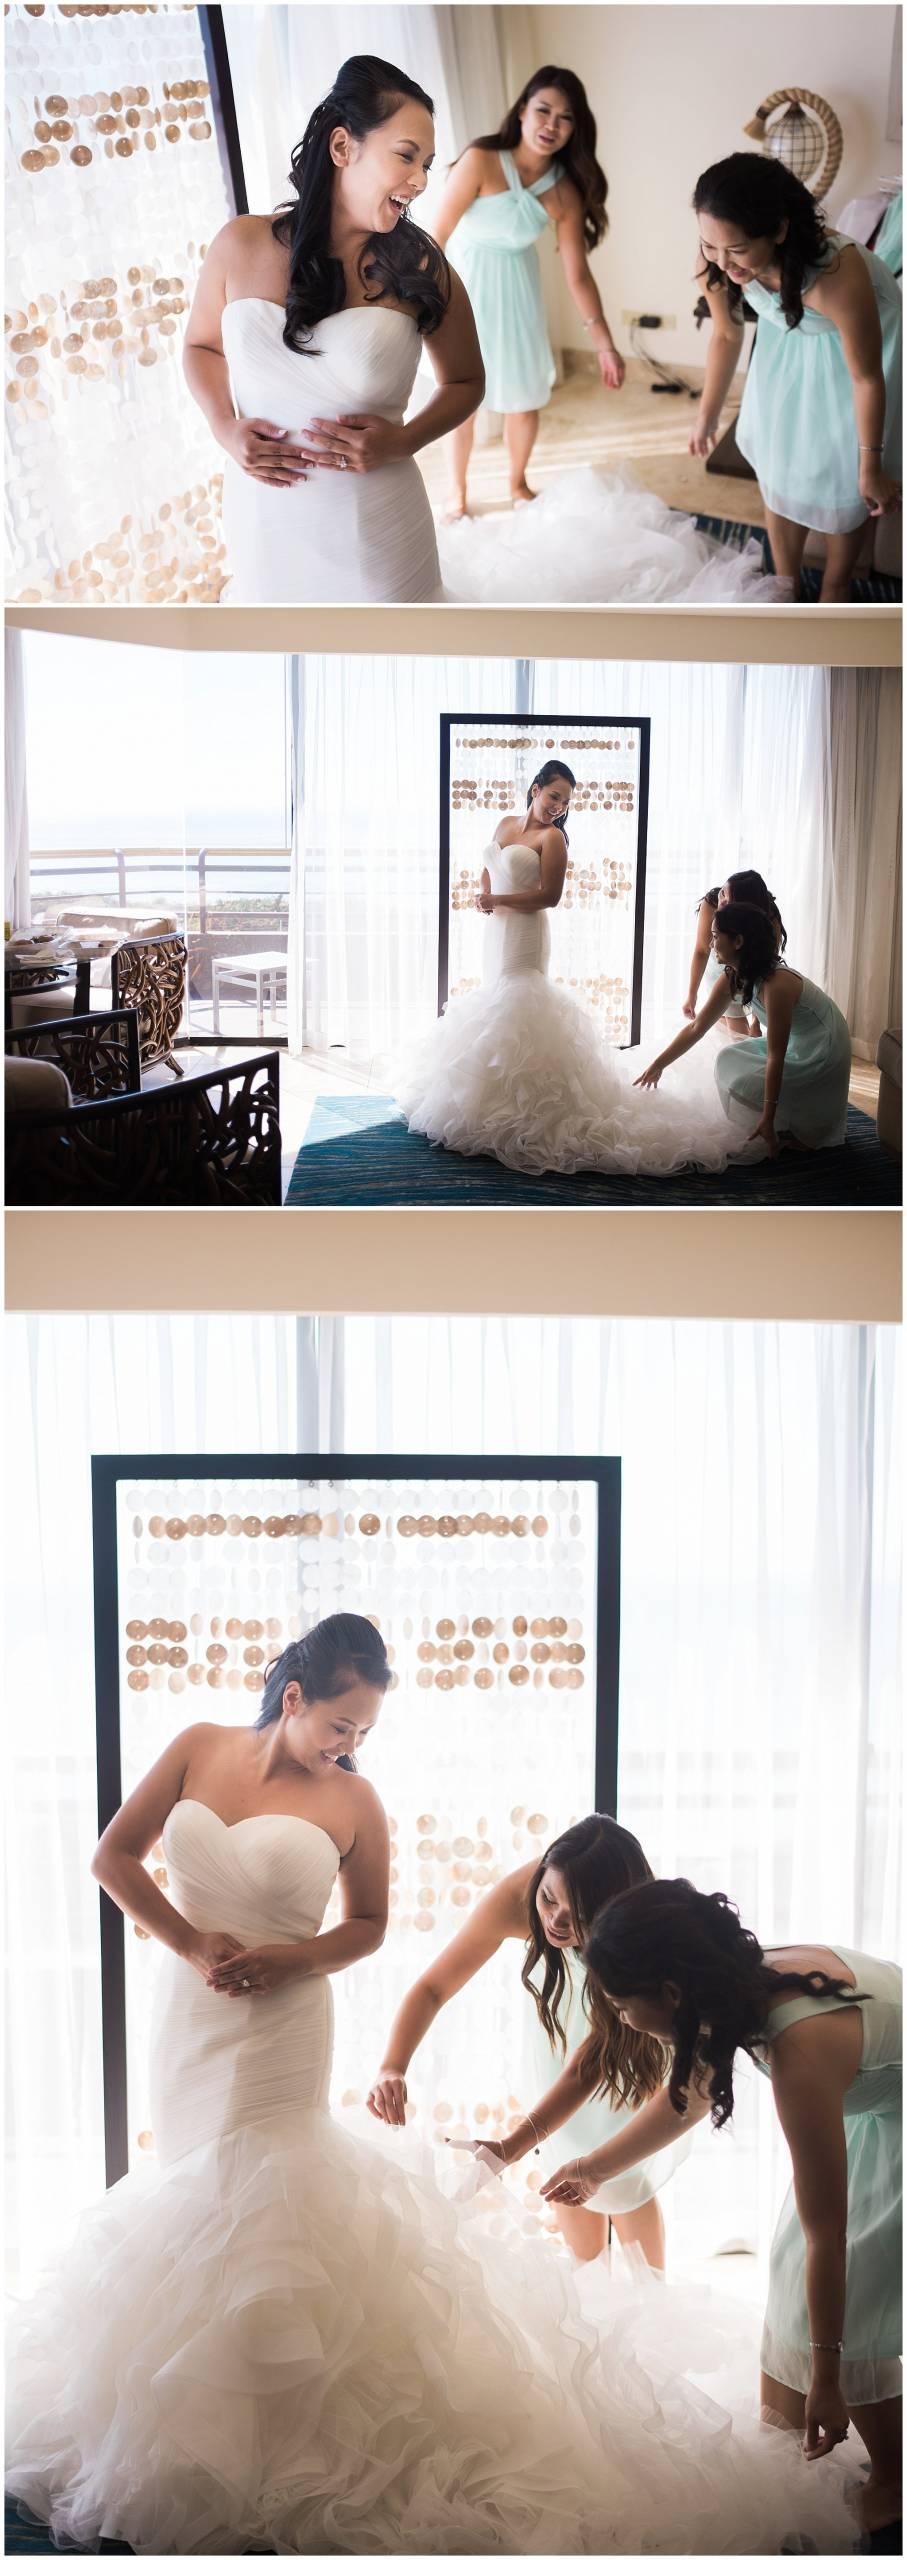 Ha & Allen Wedding Third Element Photography & Cinema Pismo Beach Cliffs Resort Central Coast Hybrid Film Wedding Photographer_0015